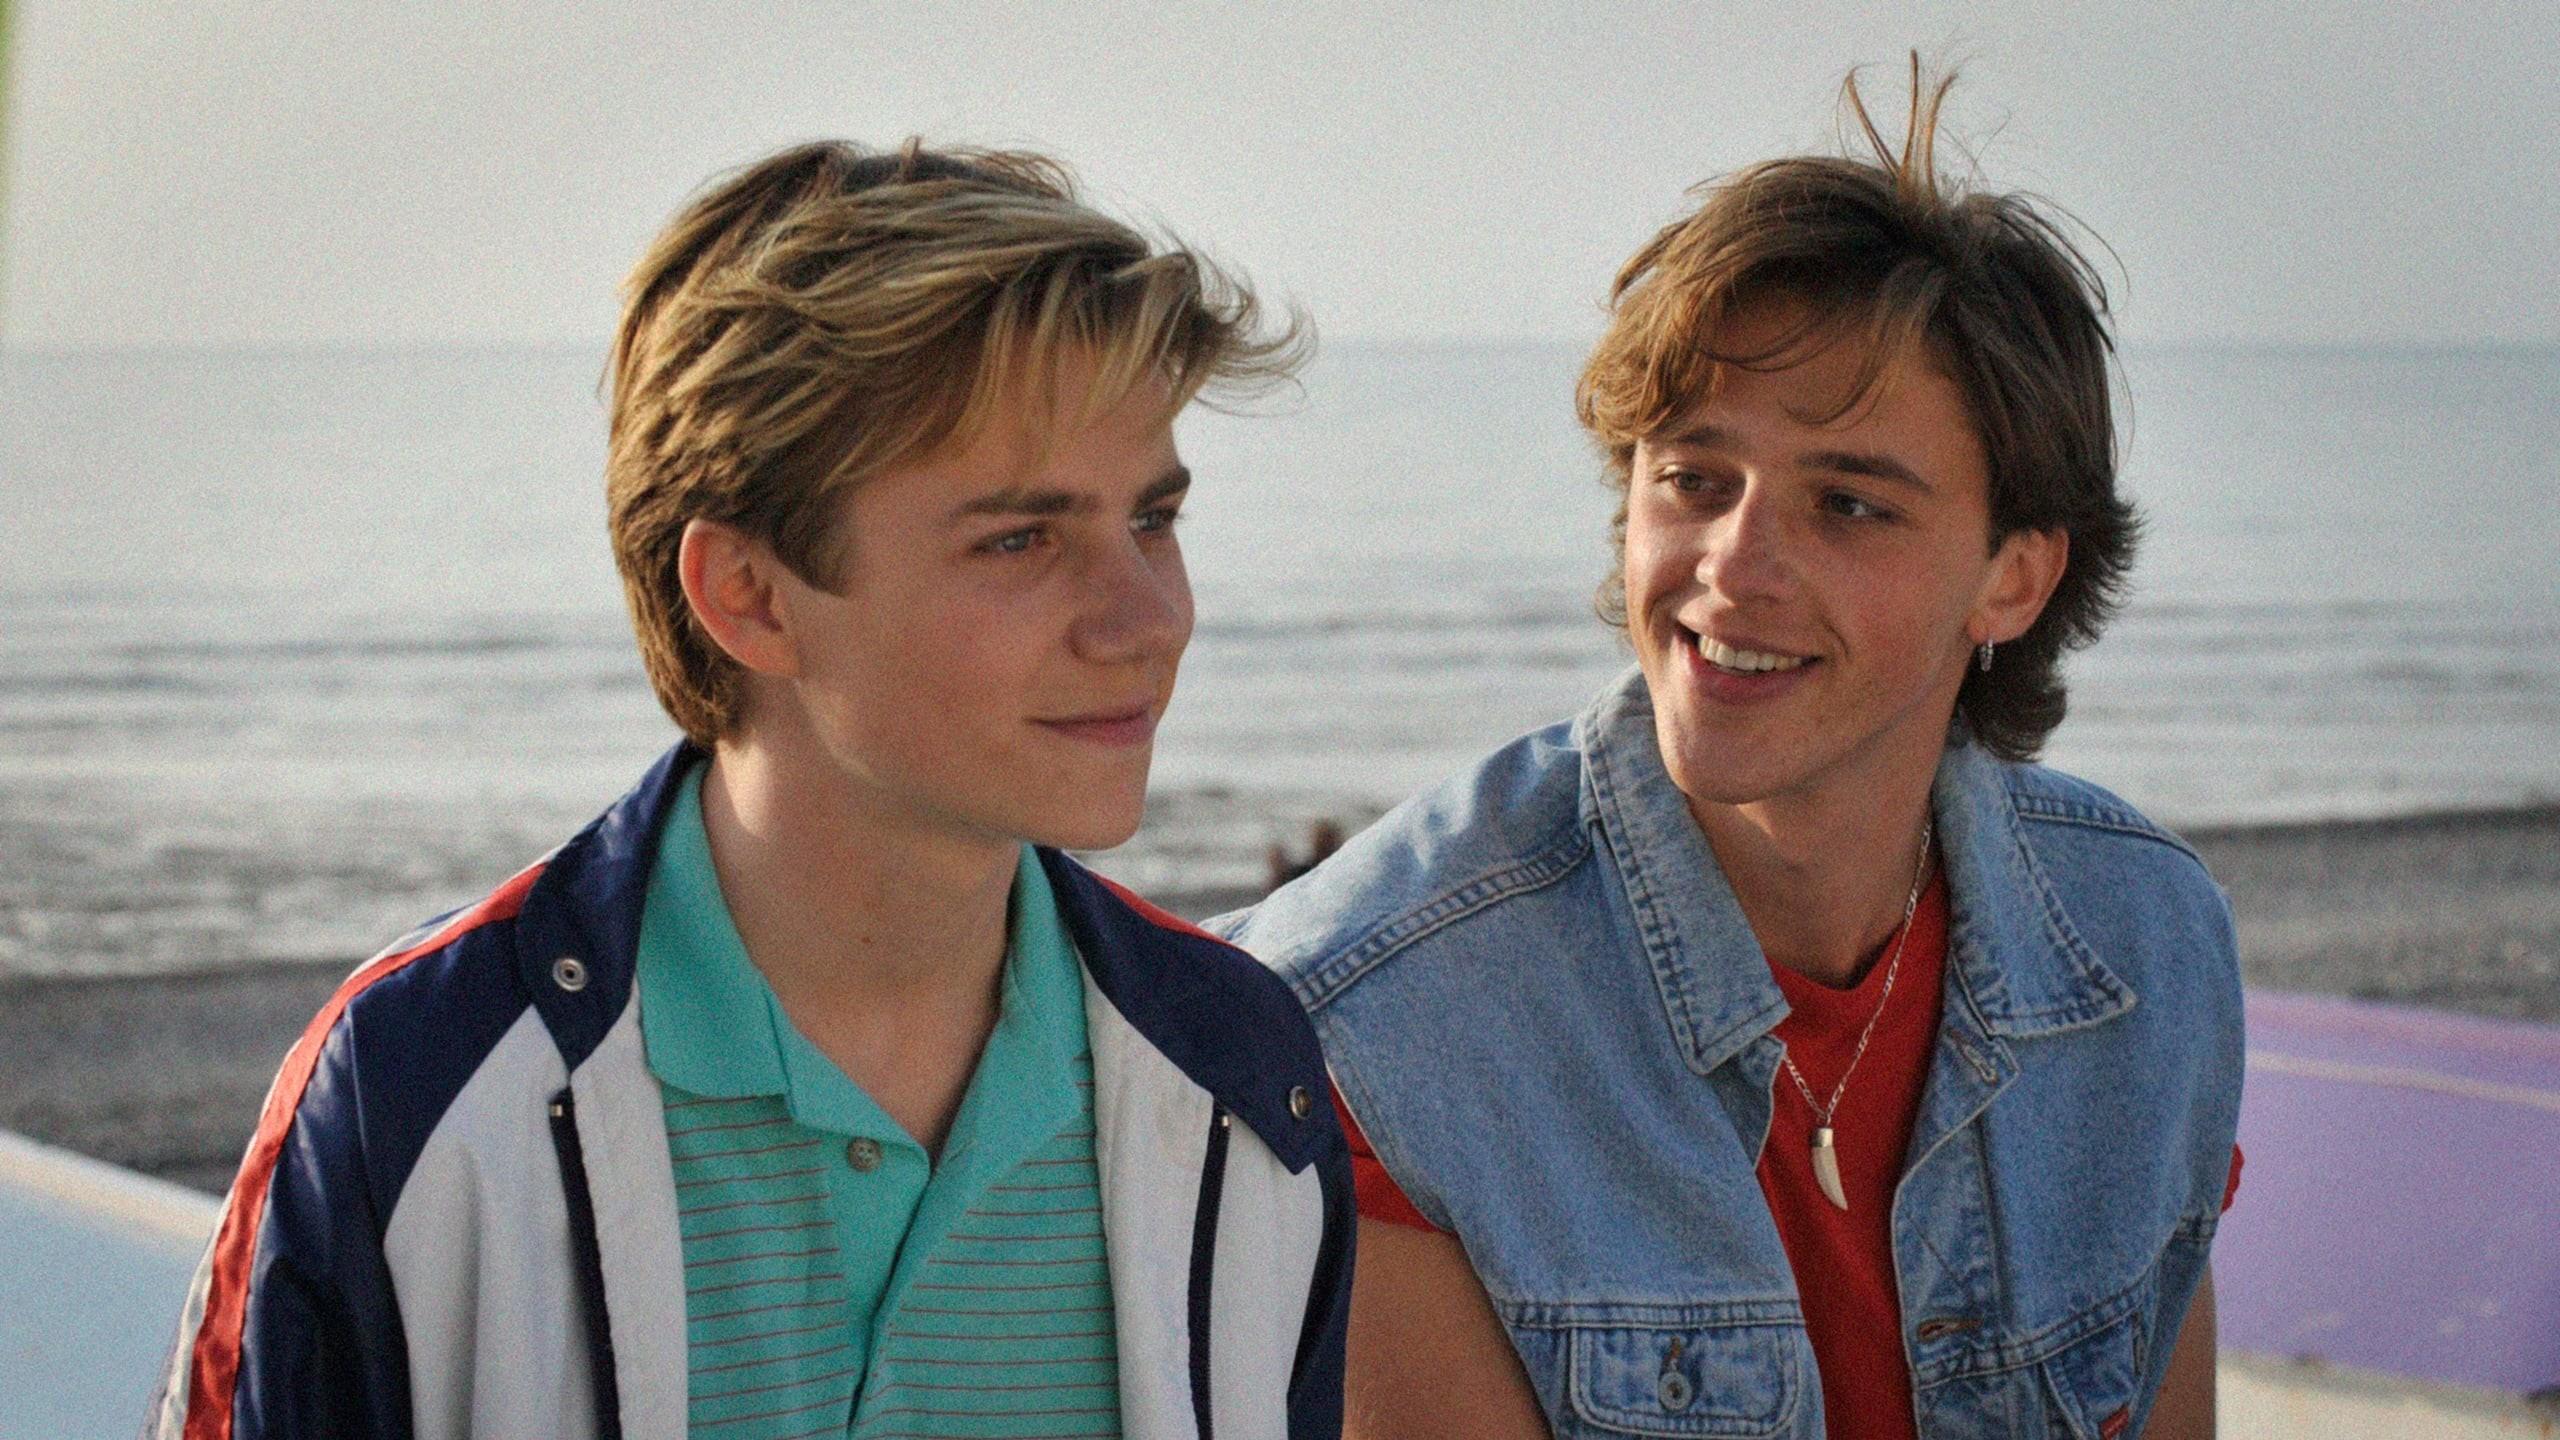 Cena do filme Verão de 85. Nela, dois adolescentes brancos estão sentados no píer da praia, está de dia, e o mar azul aparece atrás deles. Eles sorriem um para o outro.